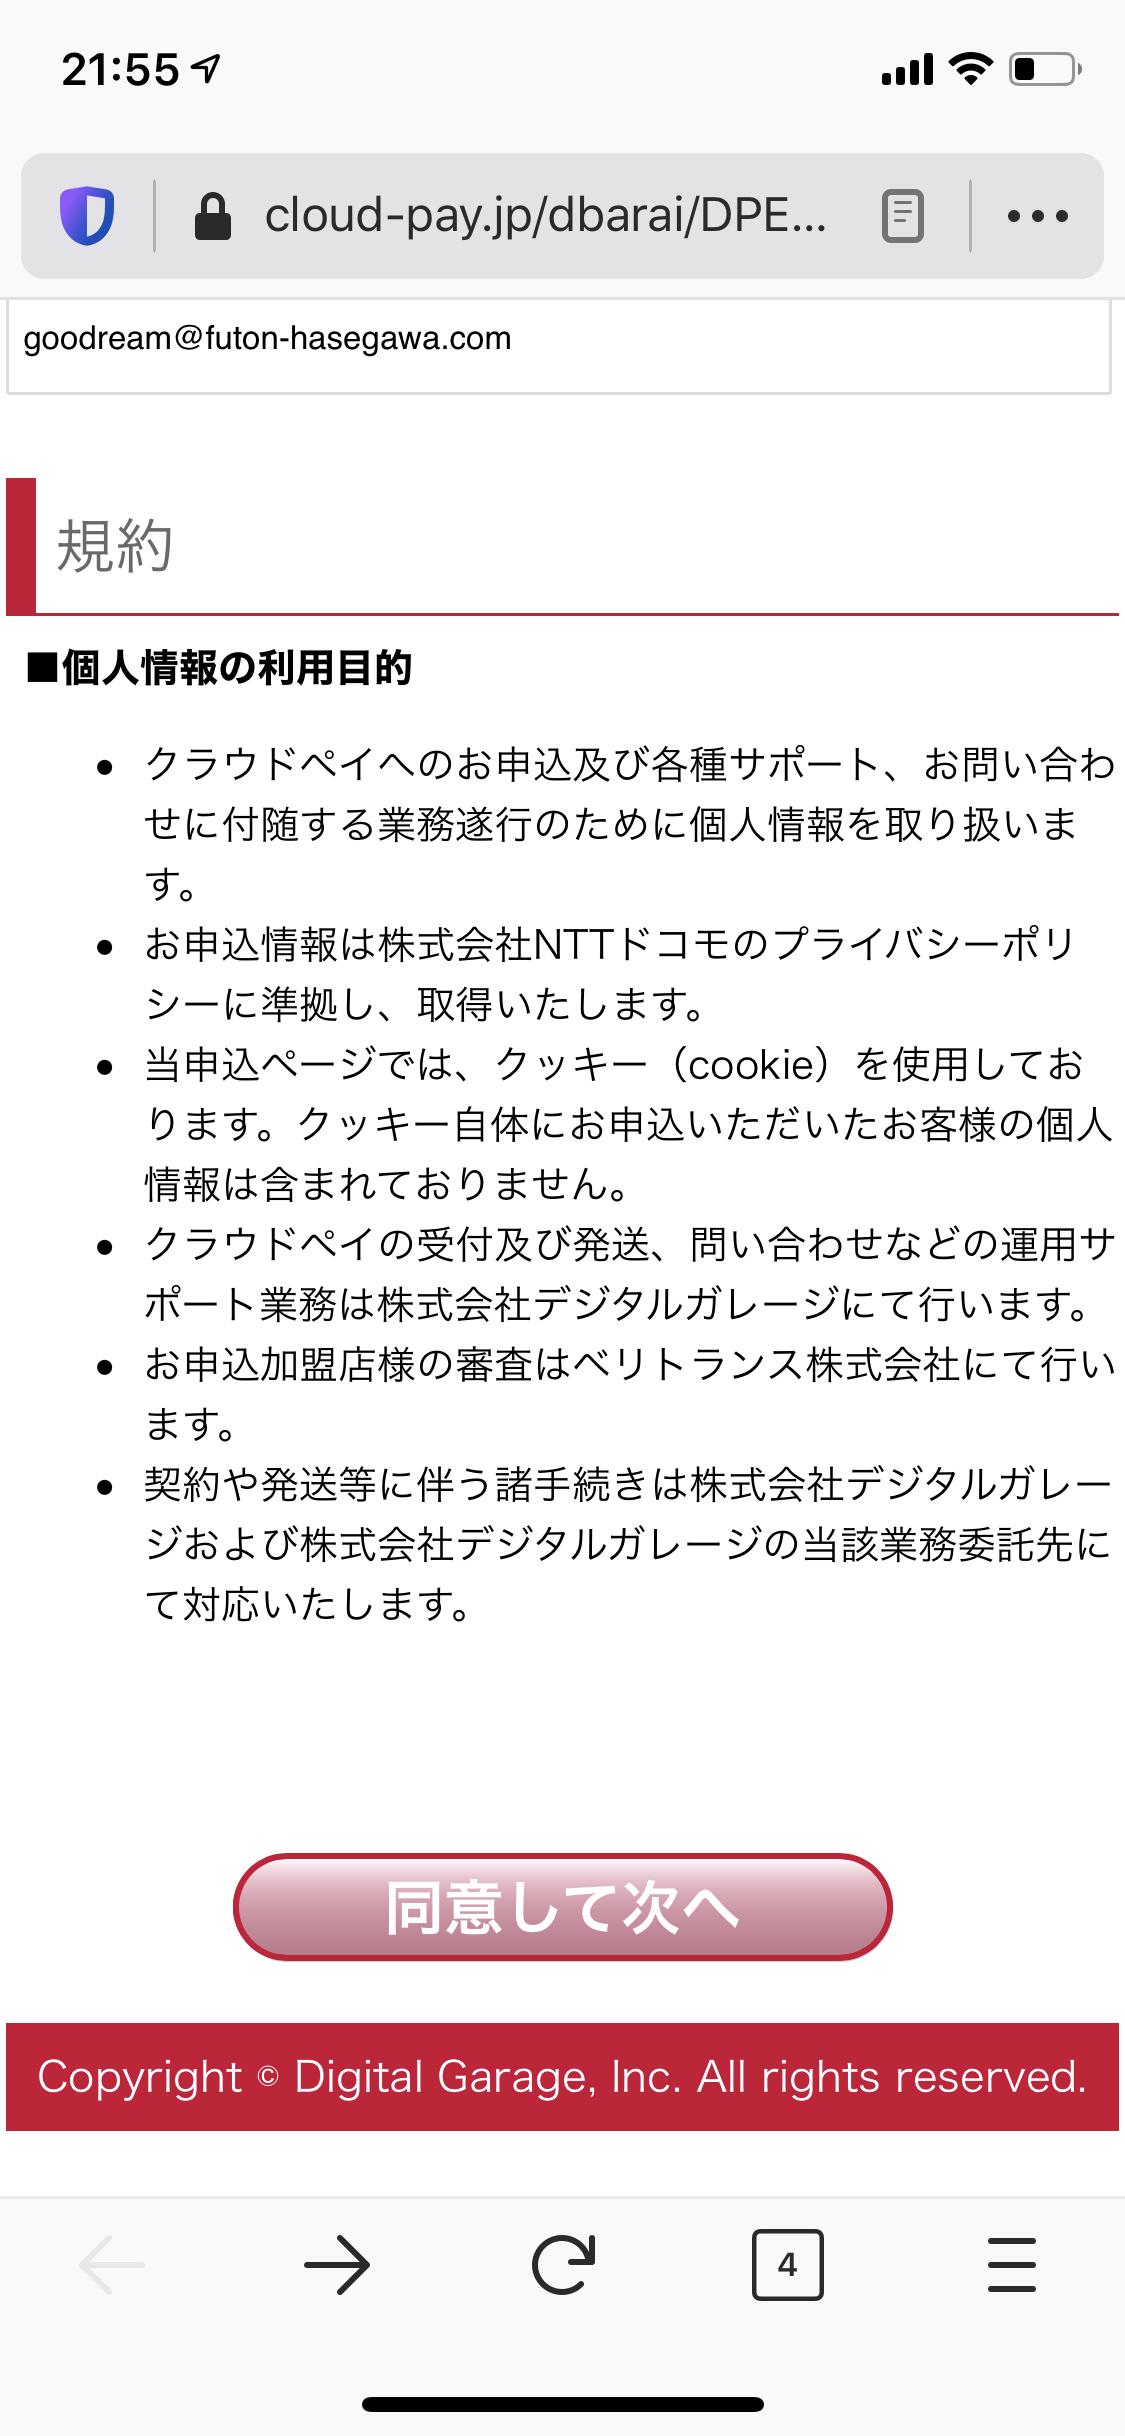 規約の確認画面